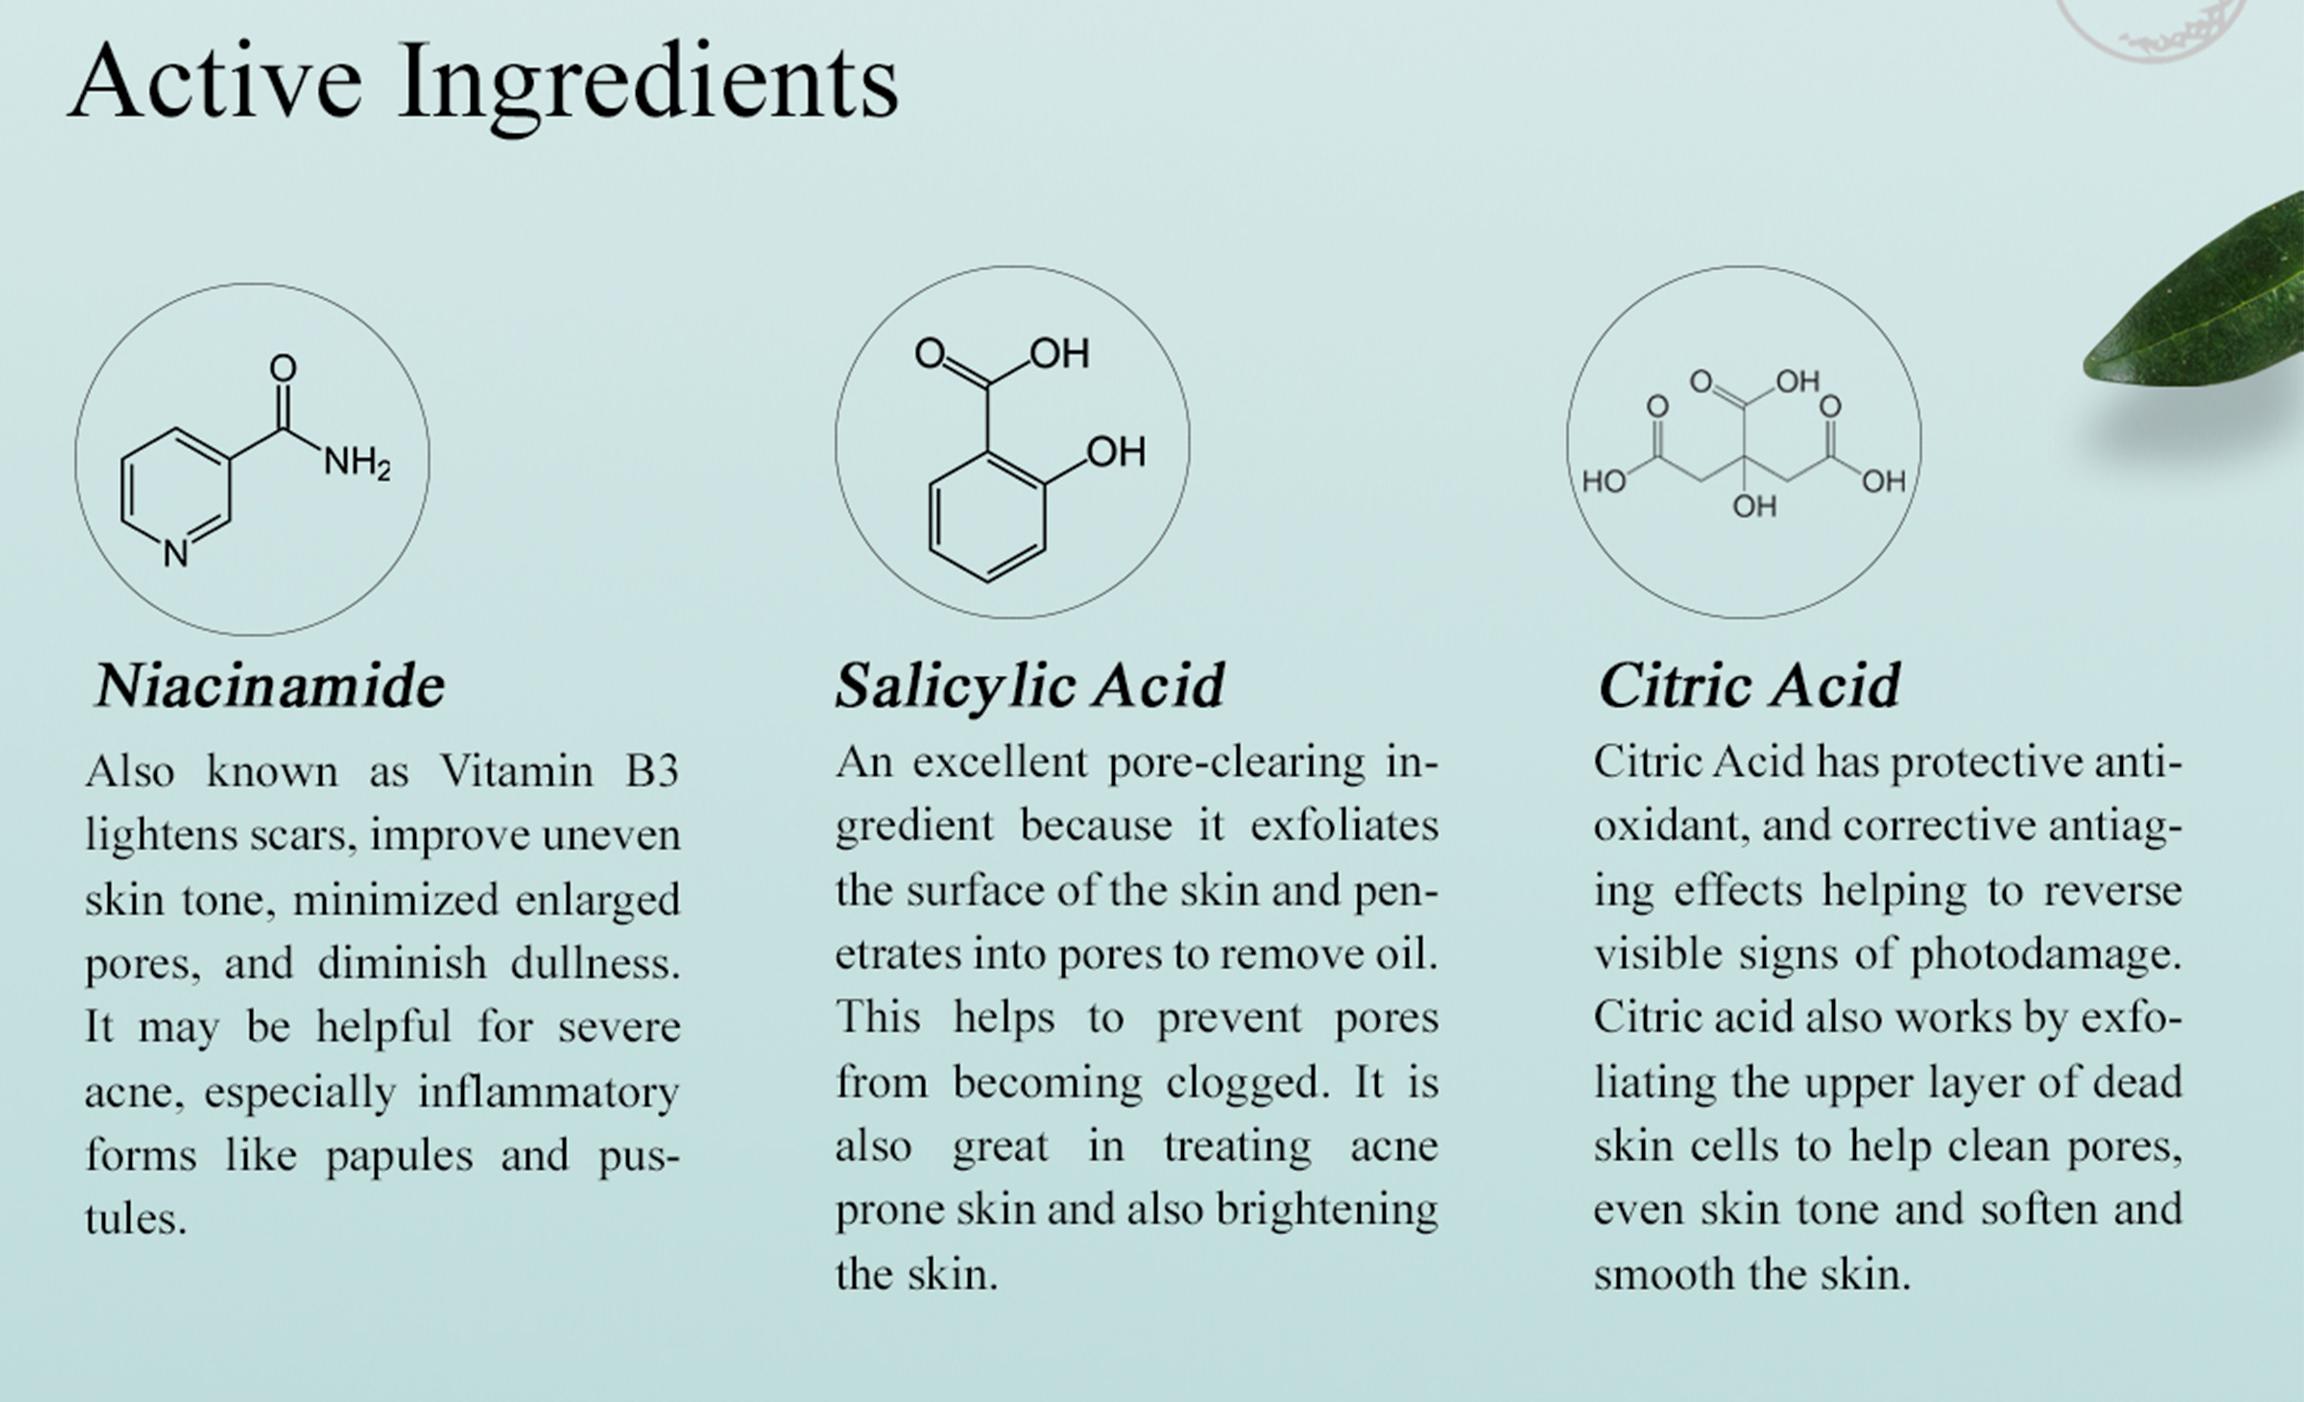 acne-active